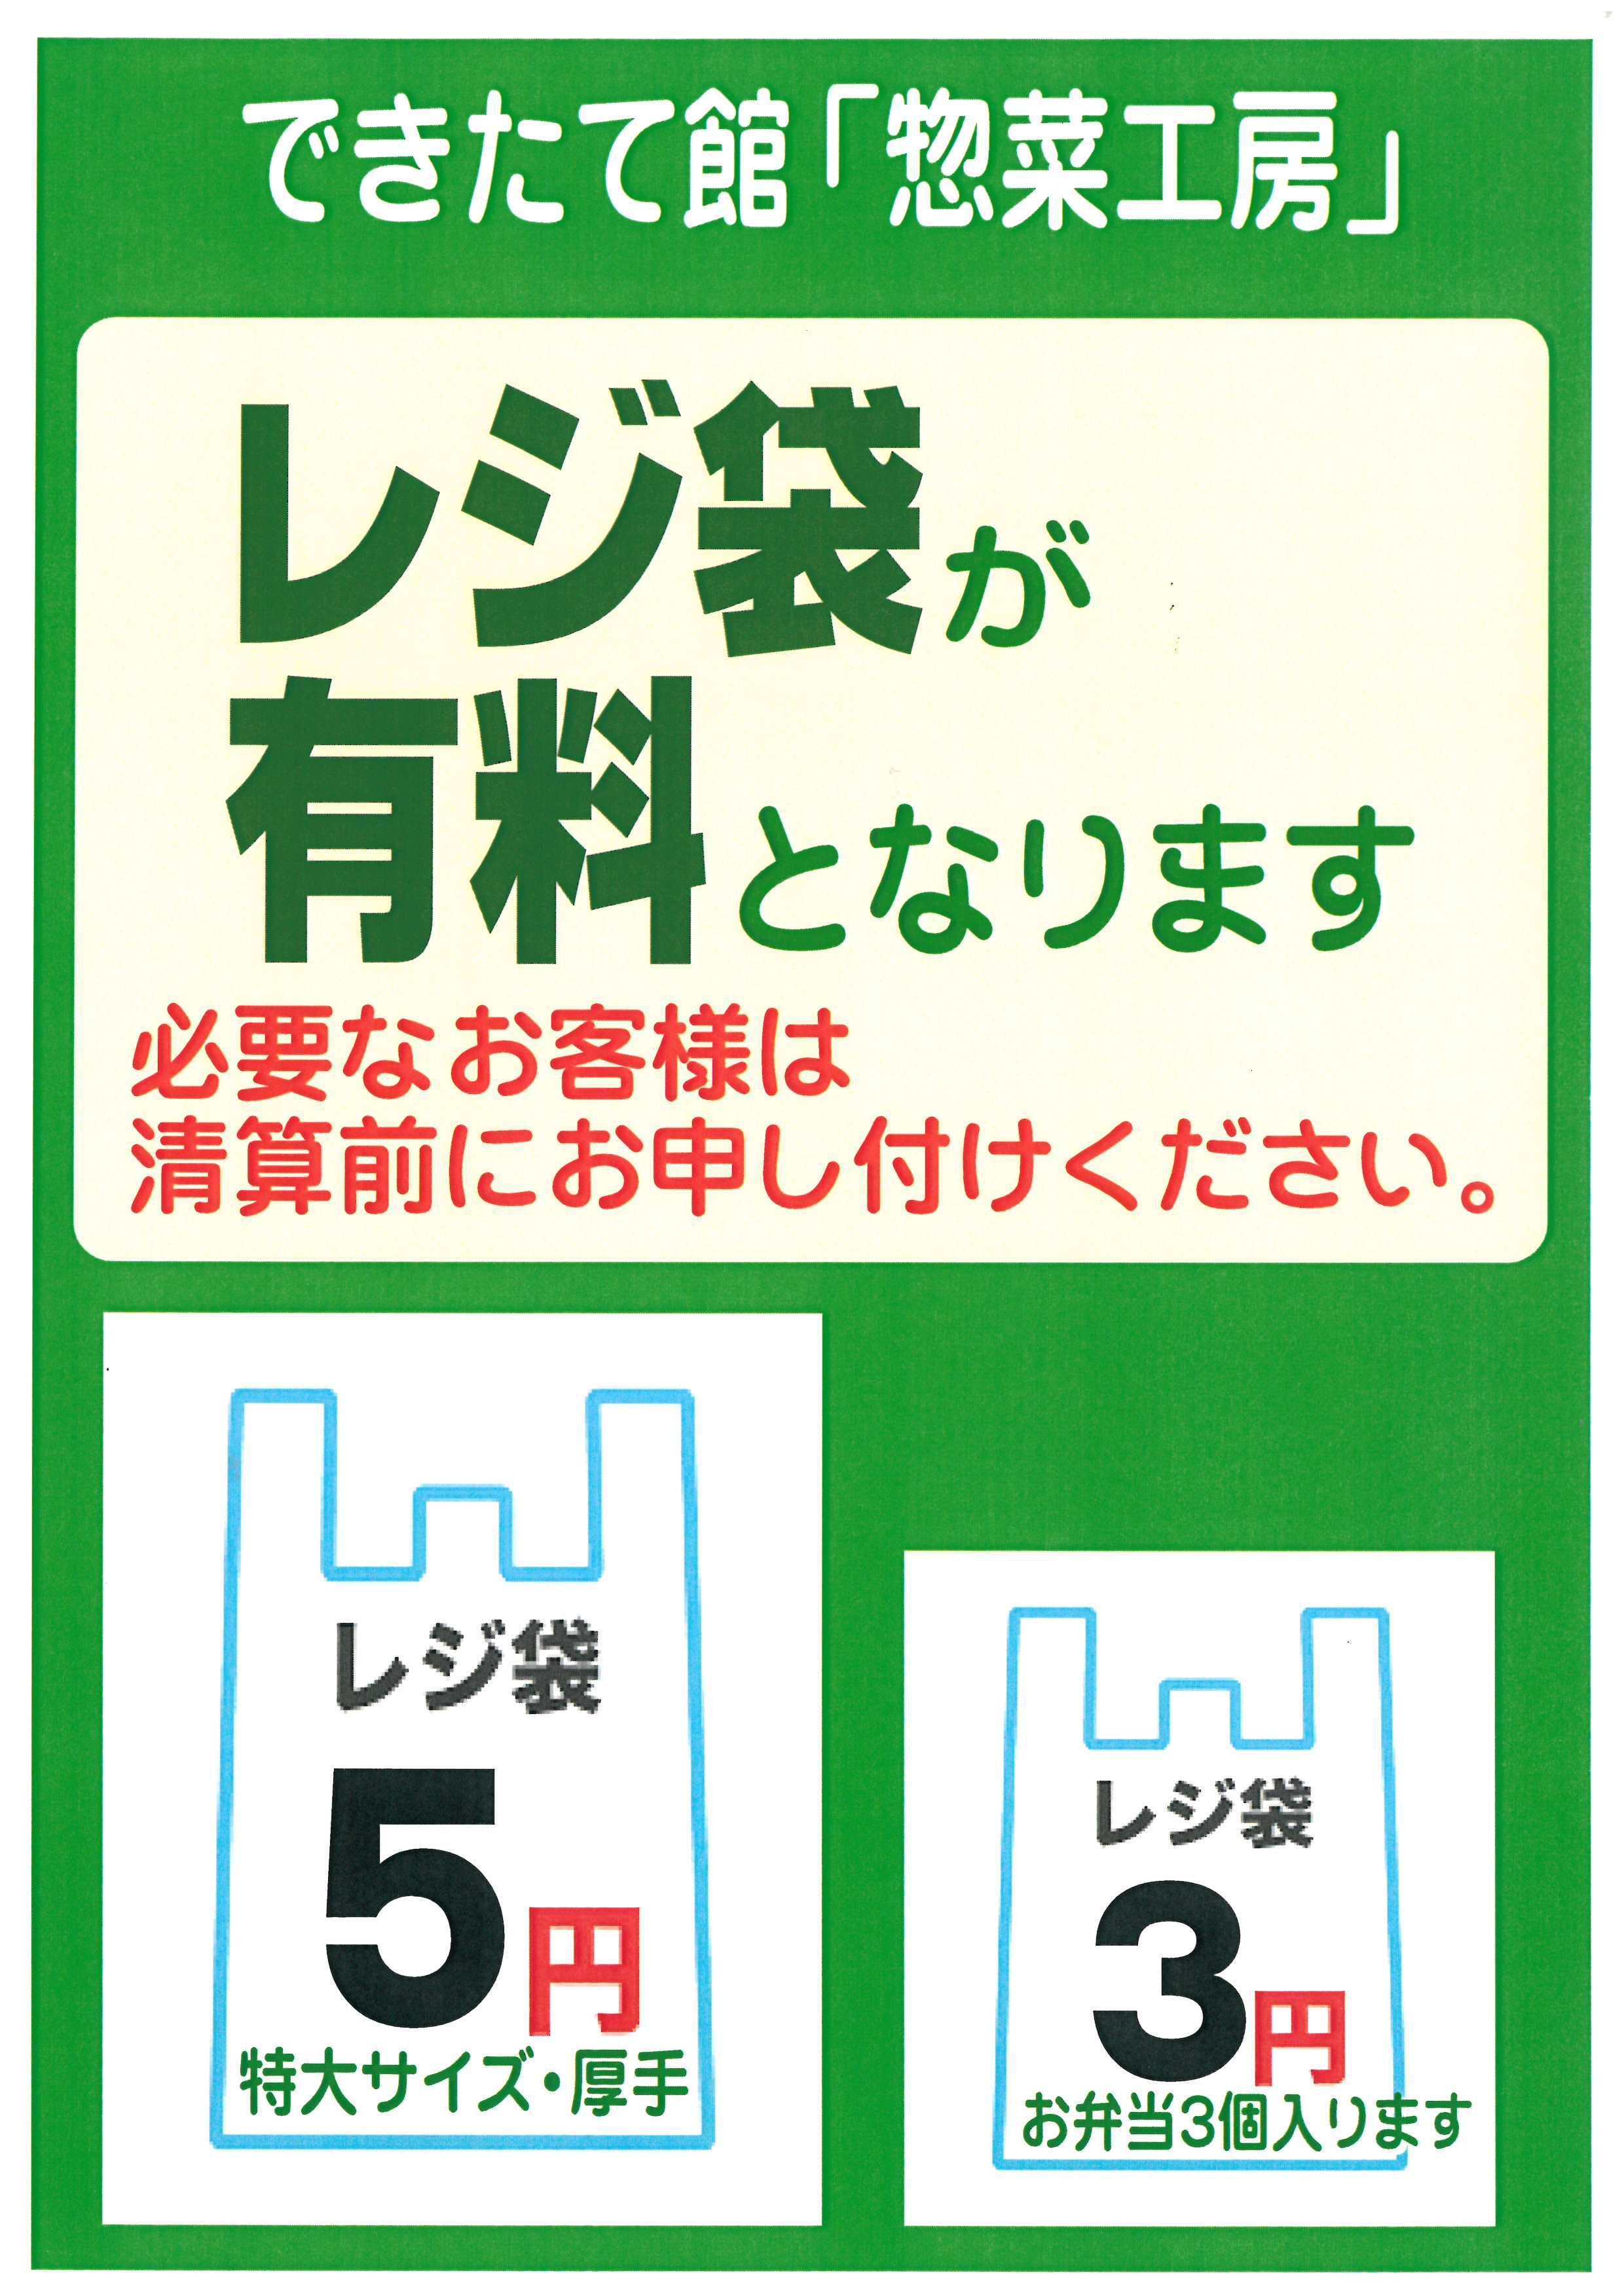 レジ袋削減にご協力ください!(一部施設で有料)_c0141652_15095247.jpg